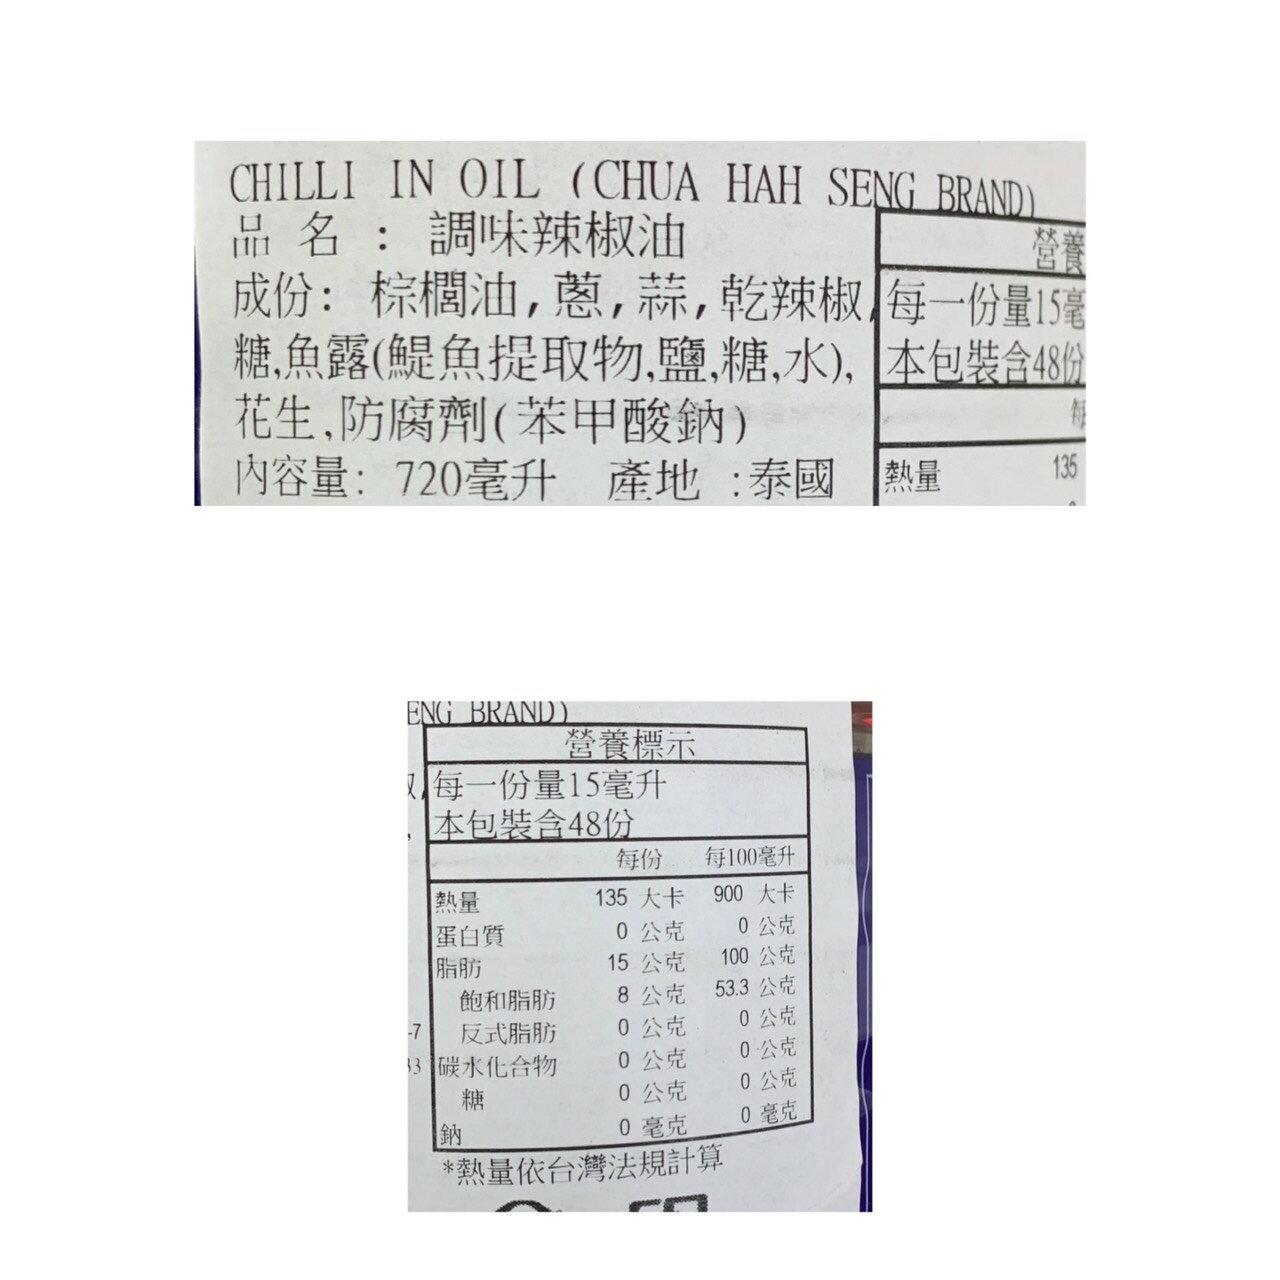 {泰菲印越} 泰國 蔡合盛 頂上 香椒油 720ML 調和辣椒油 CHUA HAH SENG